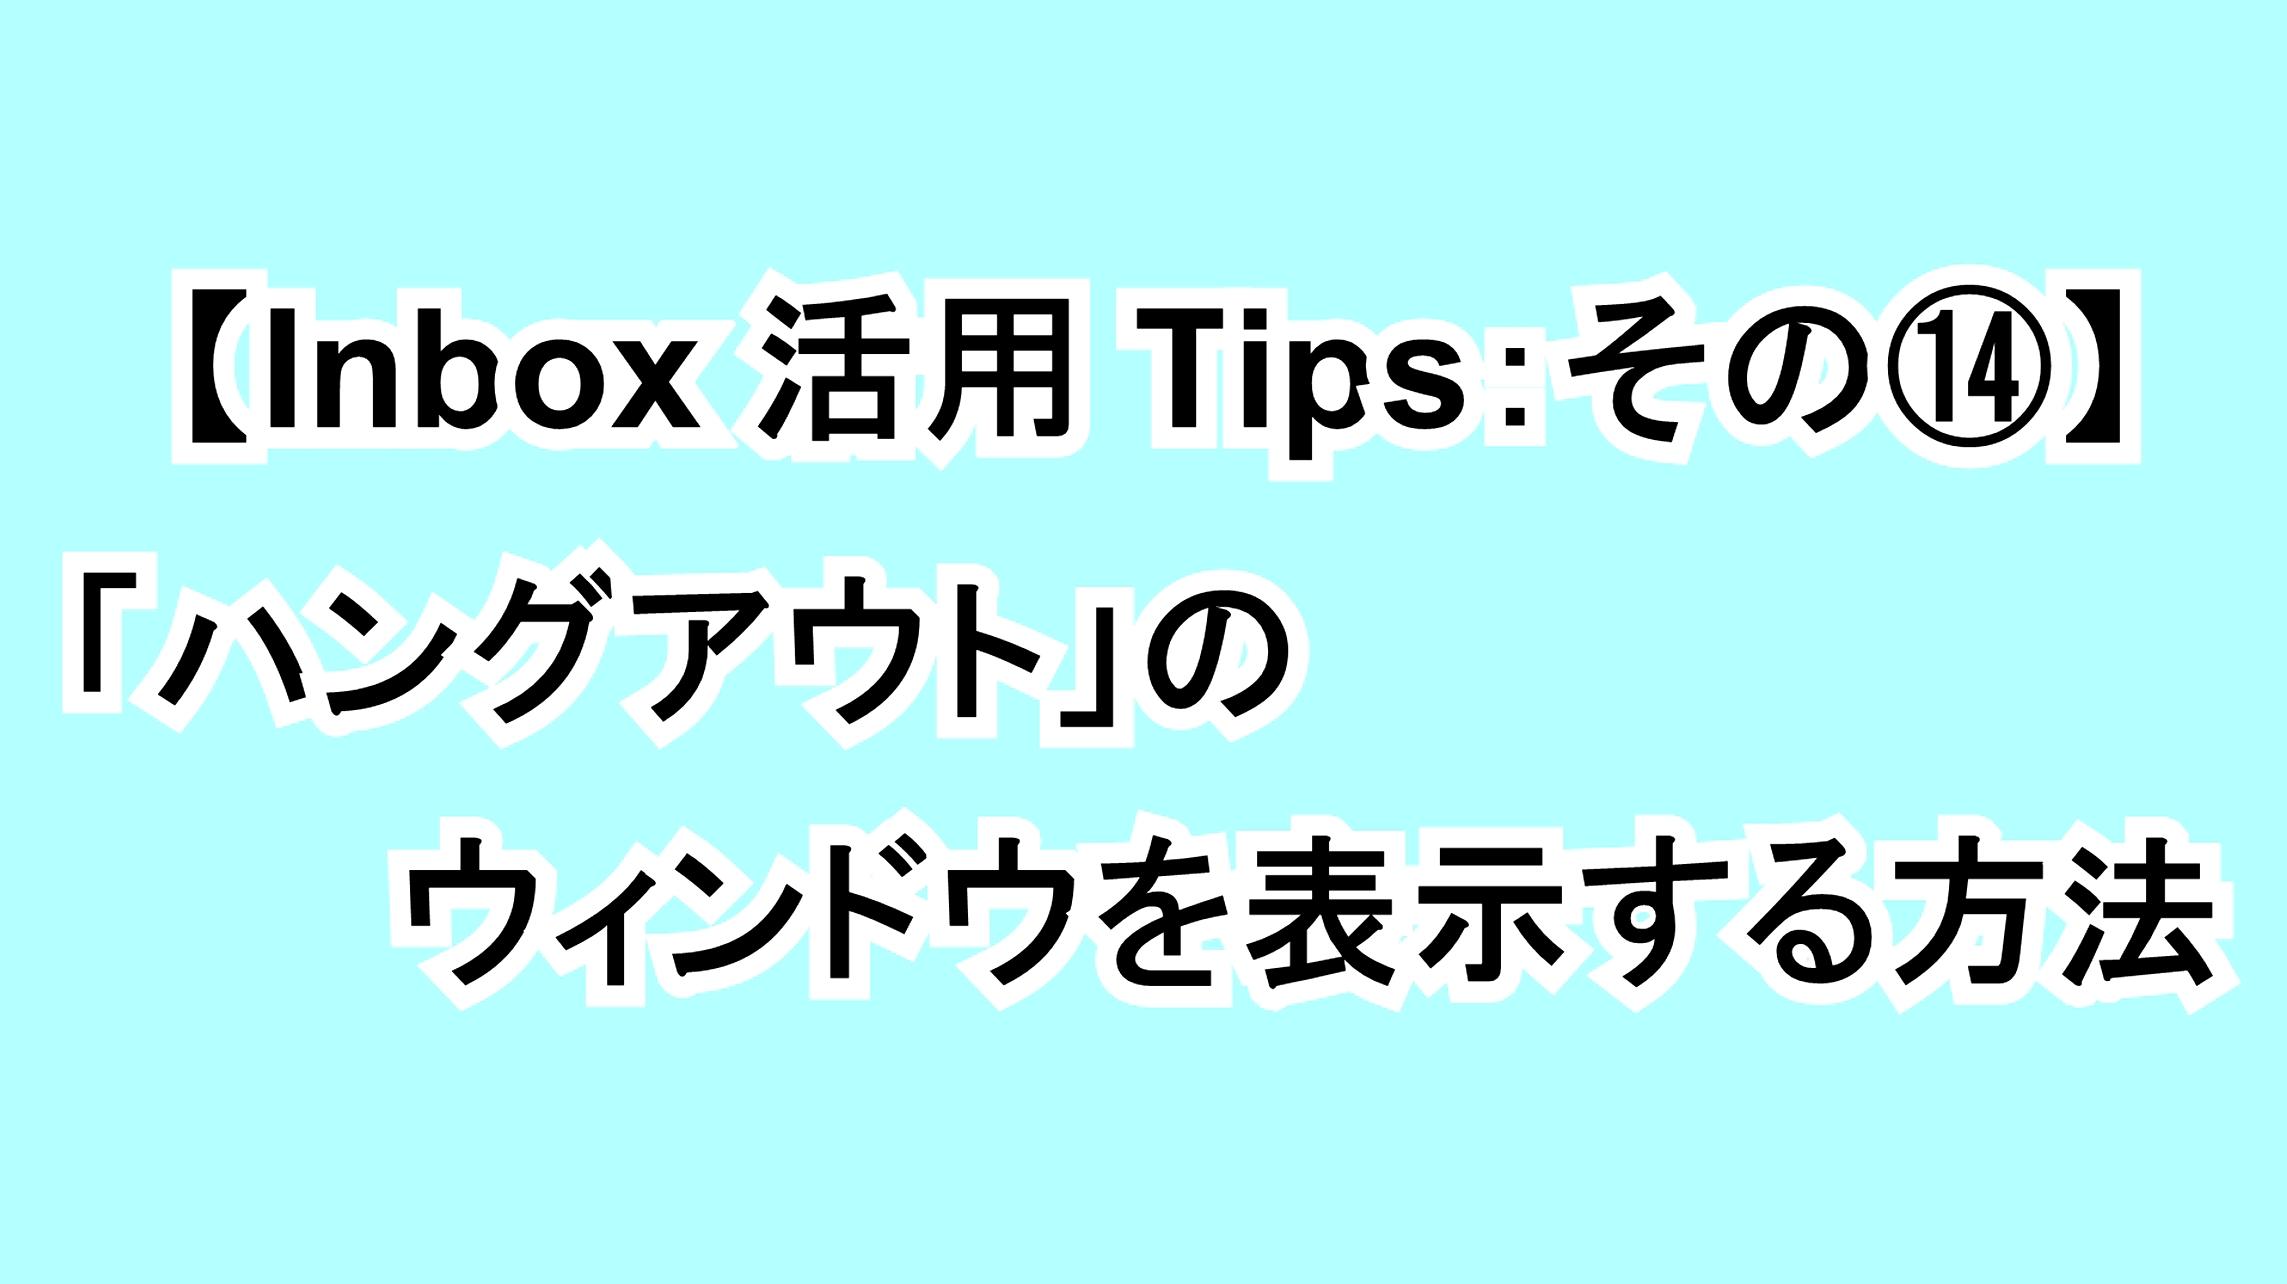 【Inbox活用Tips:その⑭】「ハングアウト」のウィンドウを表示する方法